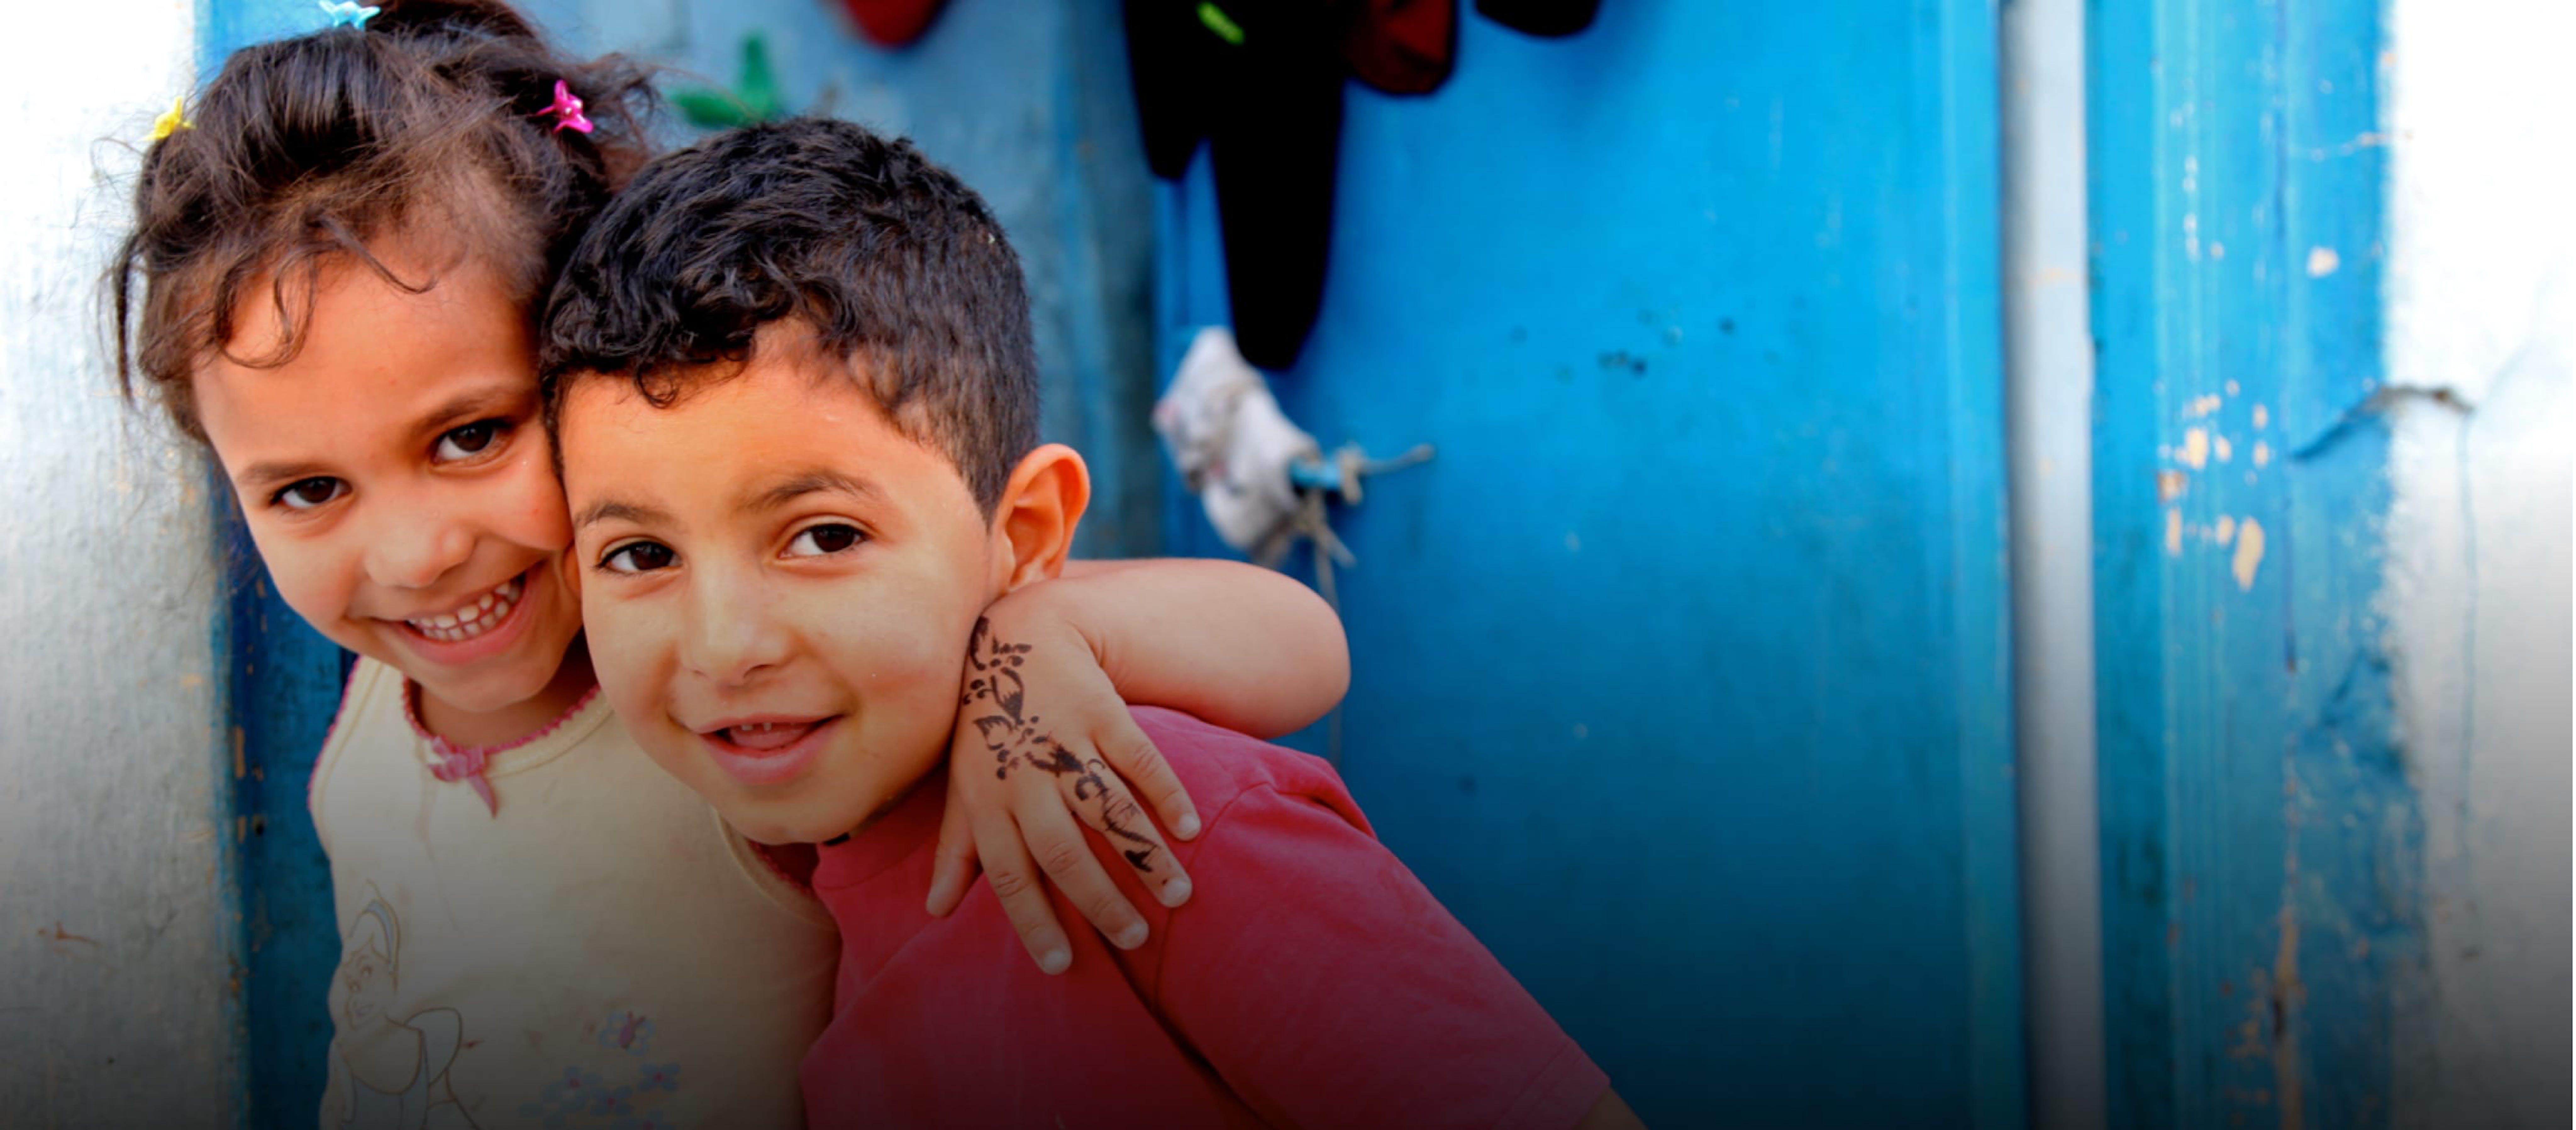 Un fratello e una sorella in un quartiere popolare di Tunisi.